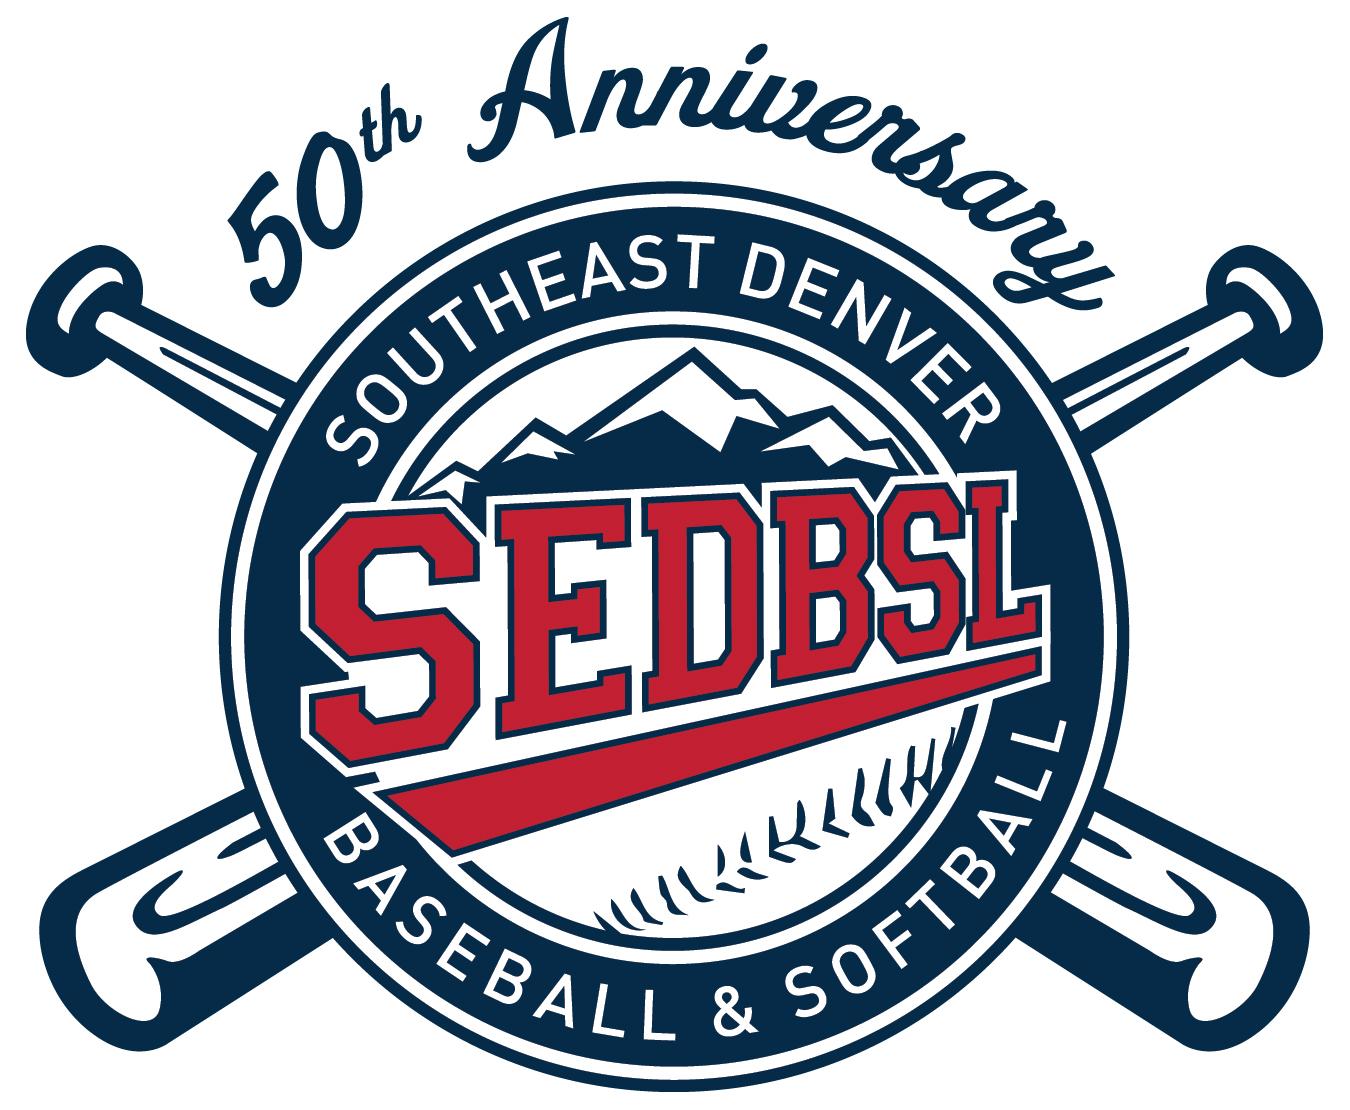 SouthEast Denver Baseball & Softball League